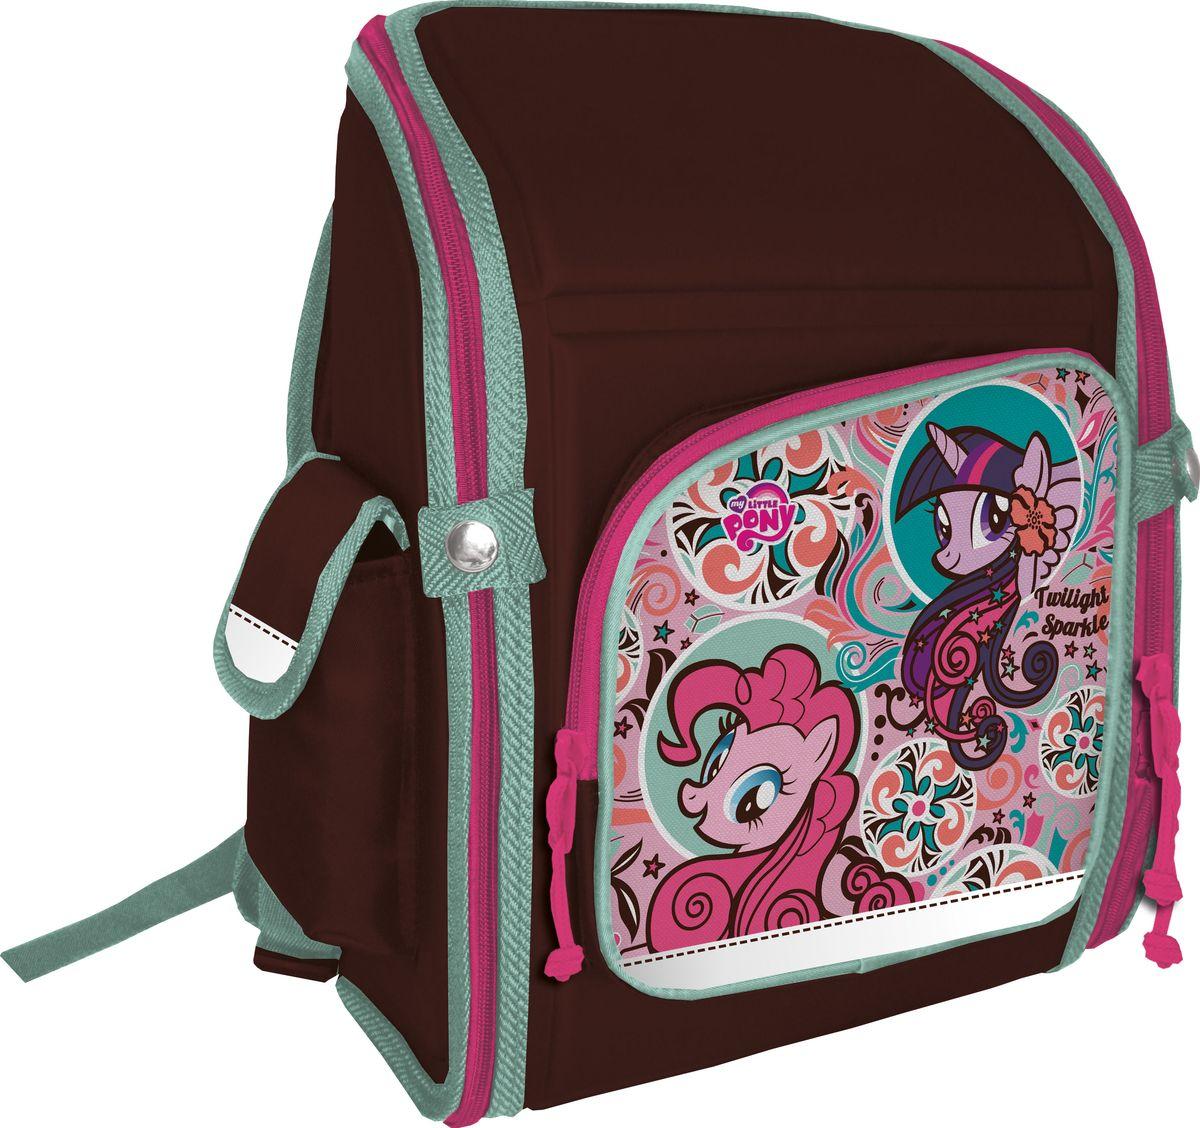 My Little Pony Рюкзак My Little PonyNRk_00502Ранец школьный, трансформер, с одним отделением на молнии,фронтальным карманом на молнии и двумя боковыми карманами; внутриотделения - два разделителя с утягивающей резинкой; корпус рюкзака,спинка, дно и крышка выполнены из EVA; лямки анатомической формы,регулируются по длине; для безопасности рюкзак снабженсветоотражающими элементами. Размер: 34,5 х 26 х 13 см.